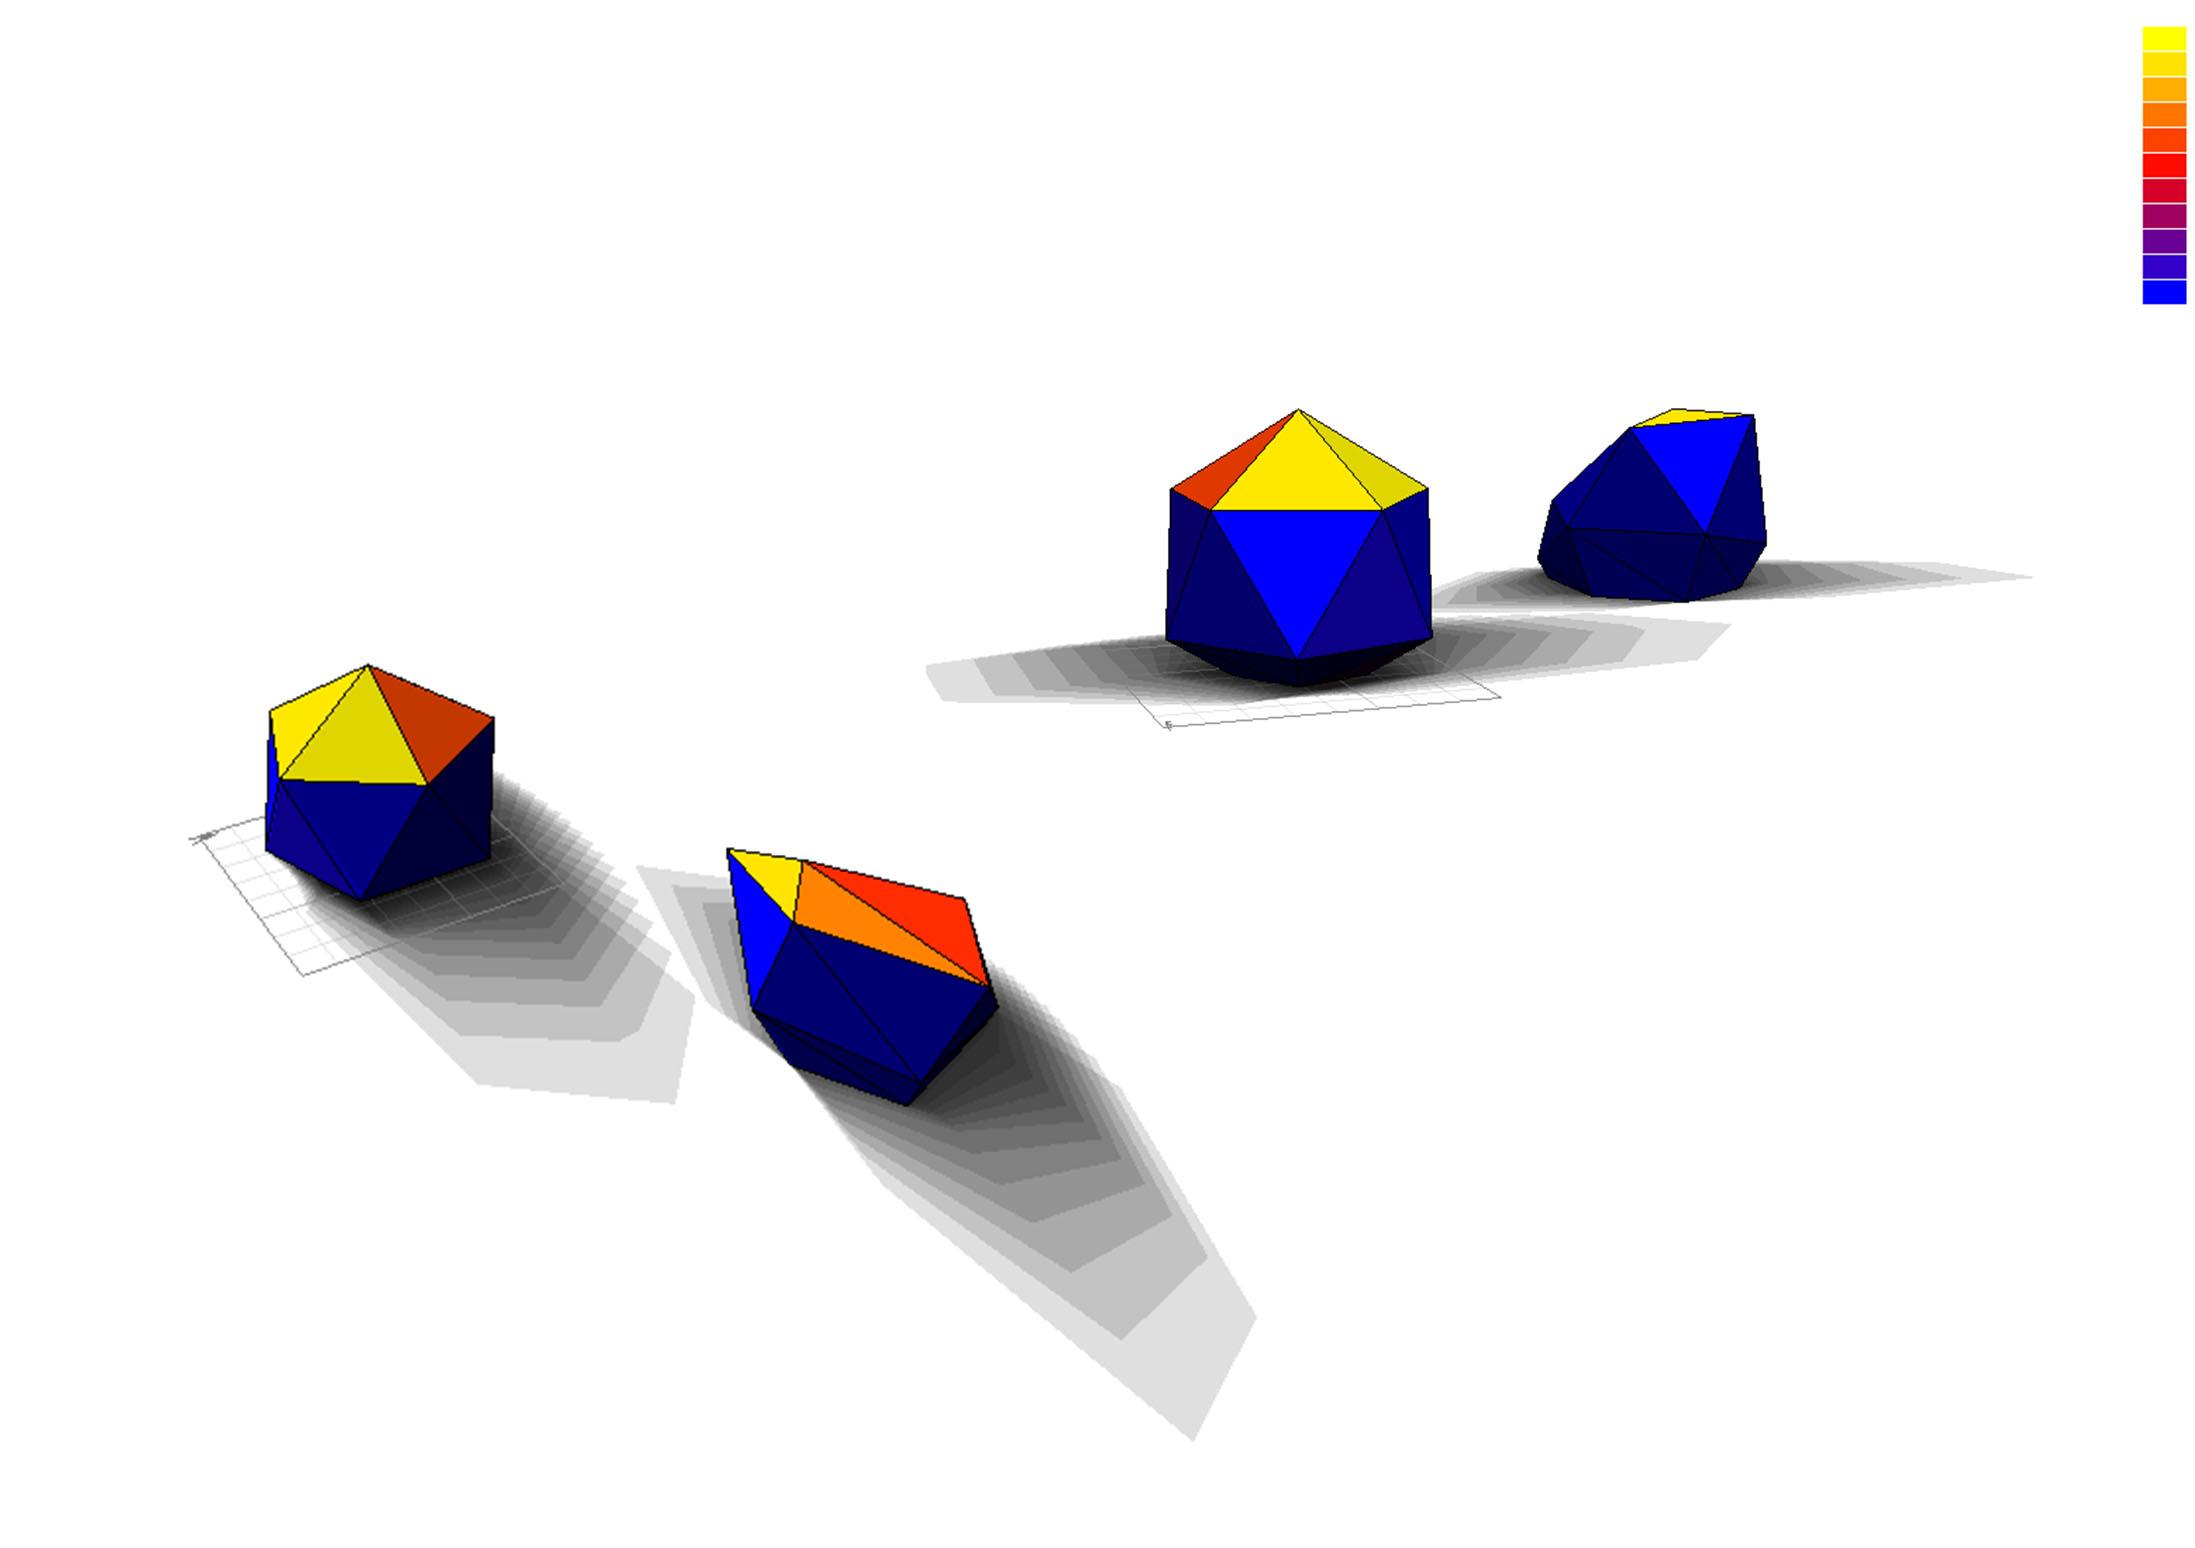 〔안정원의 디자인 칼럼〕 20개의 삼각형 모듈로 구현한 소라를 닮은 독특한 파빌리온 2